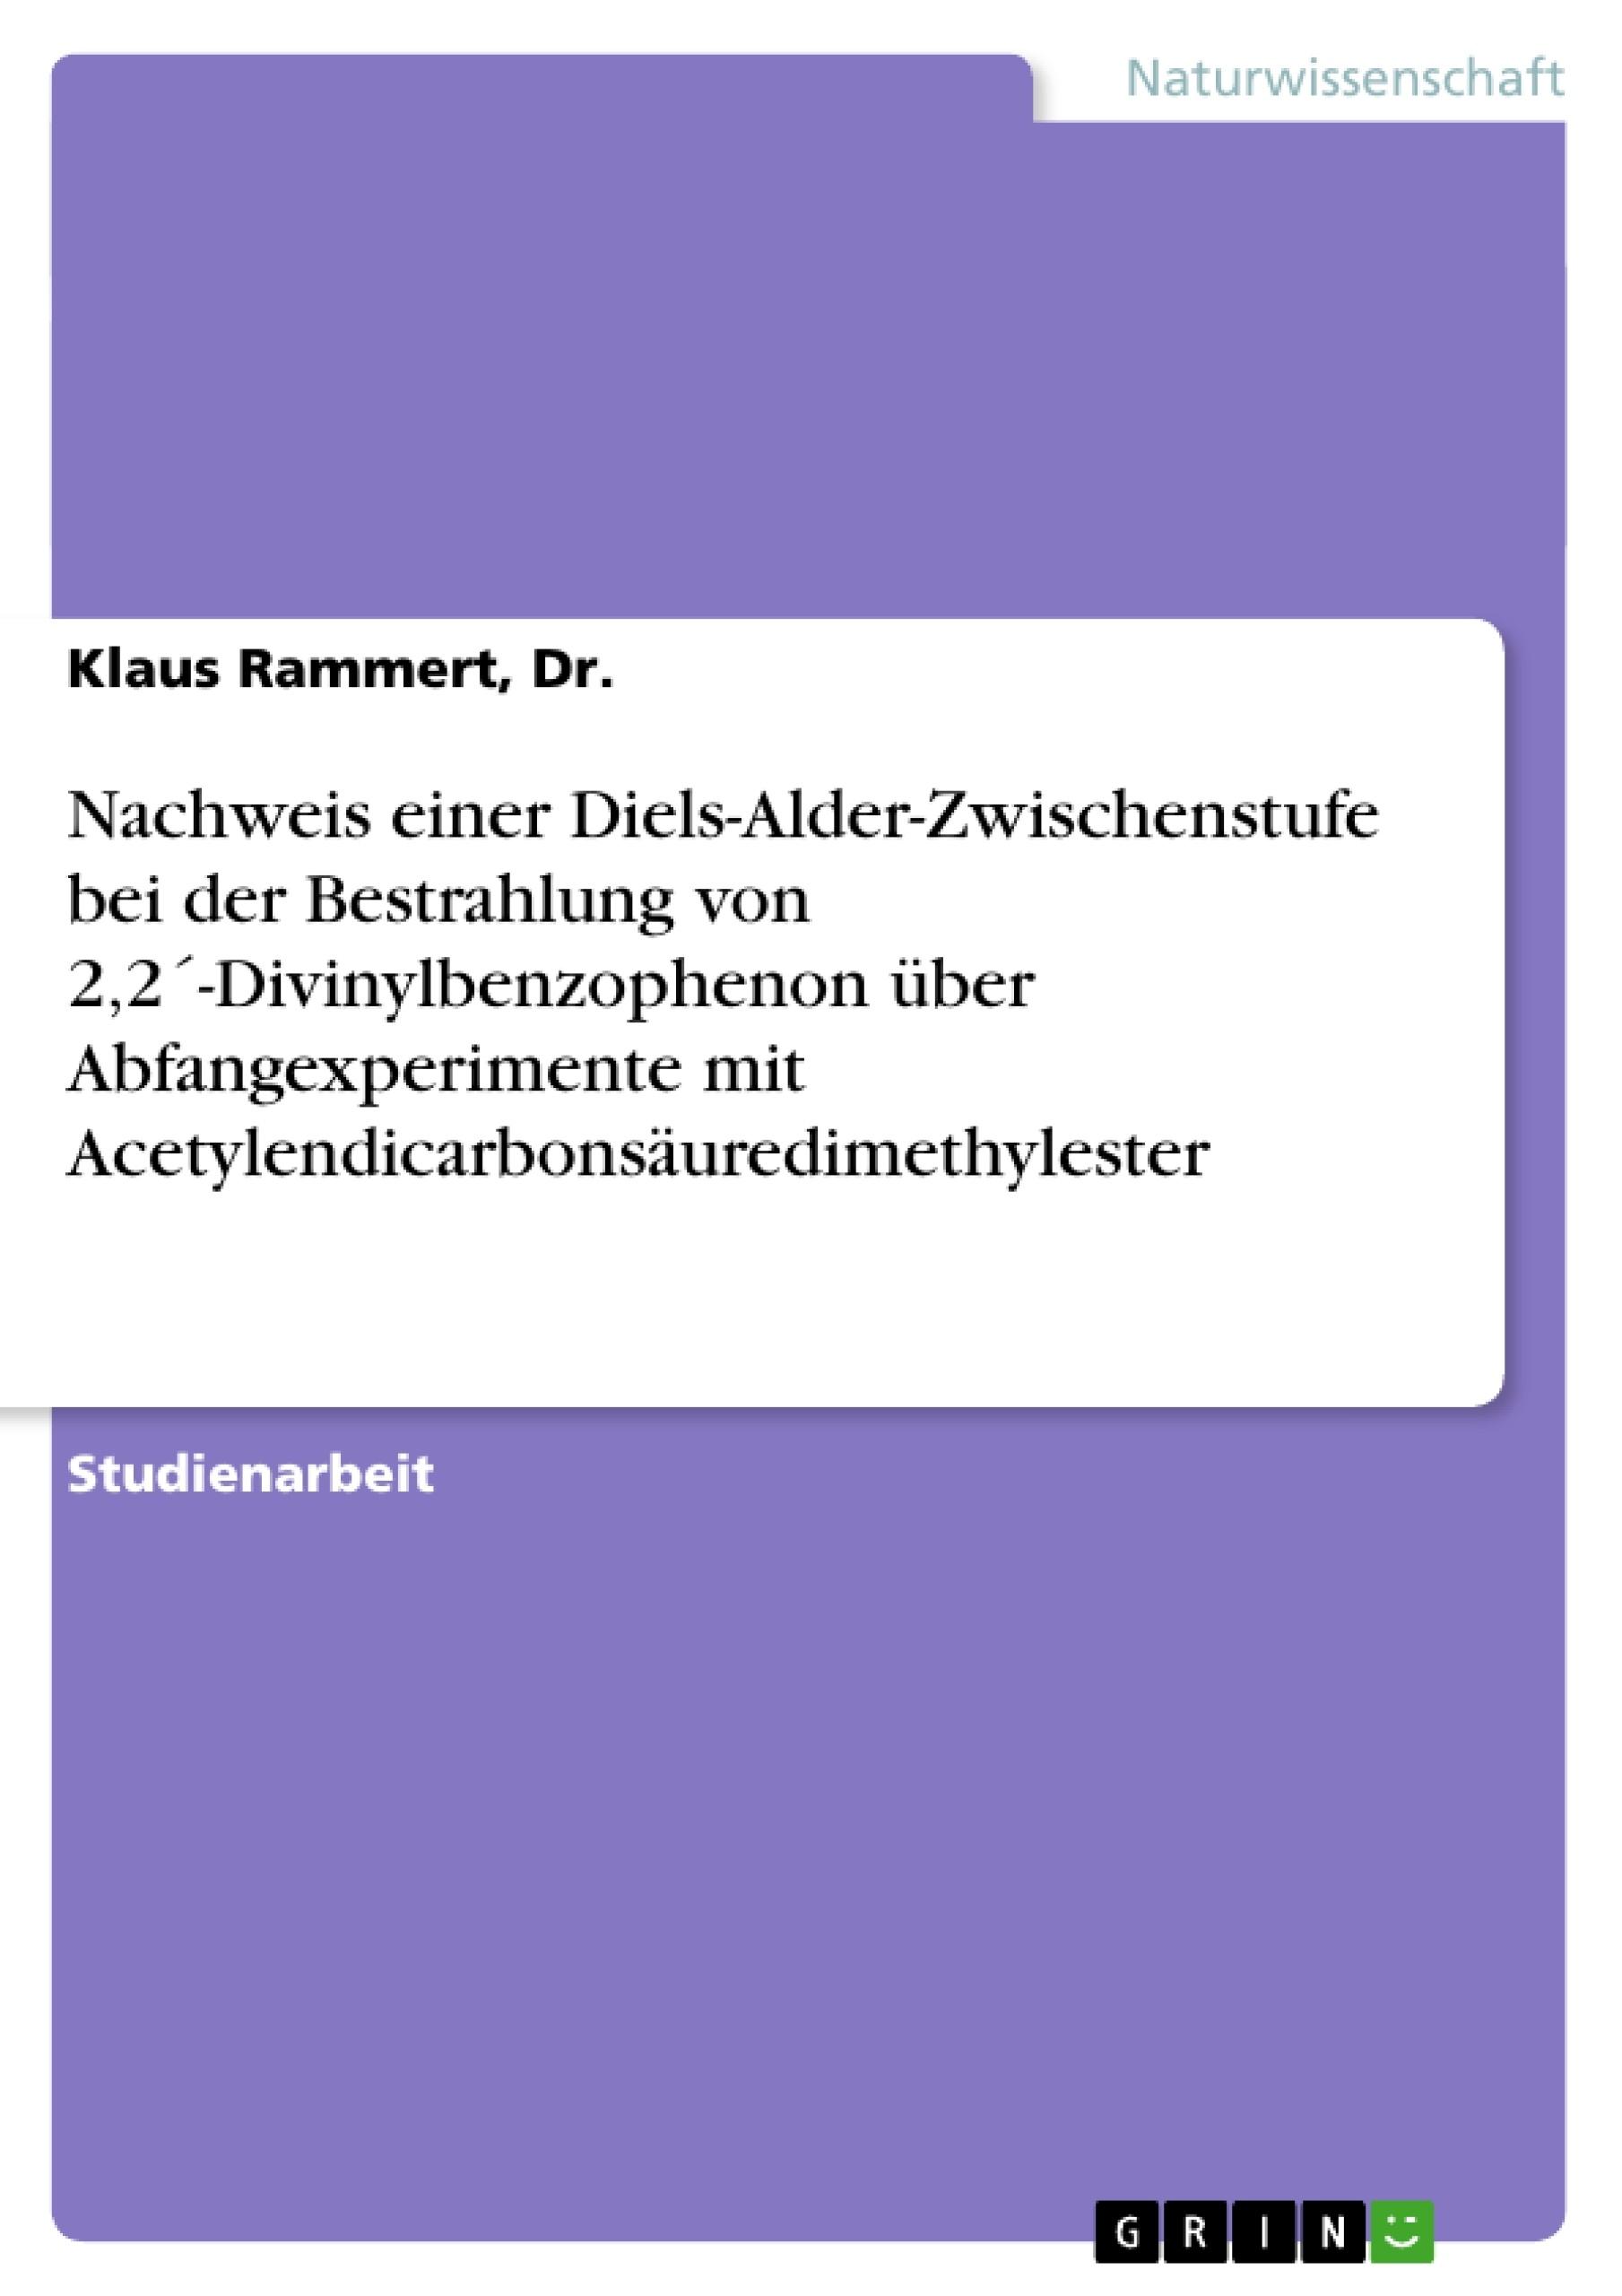 Titel: Nachweis einer Diels-Alder-Zwischenstufe bei der Bestrahlung von 2,2´-Divinylbenzophenon über Abfangexperimente mit Acetylendicarbonsäuredimethylester